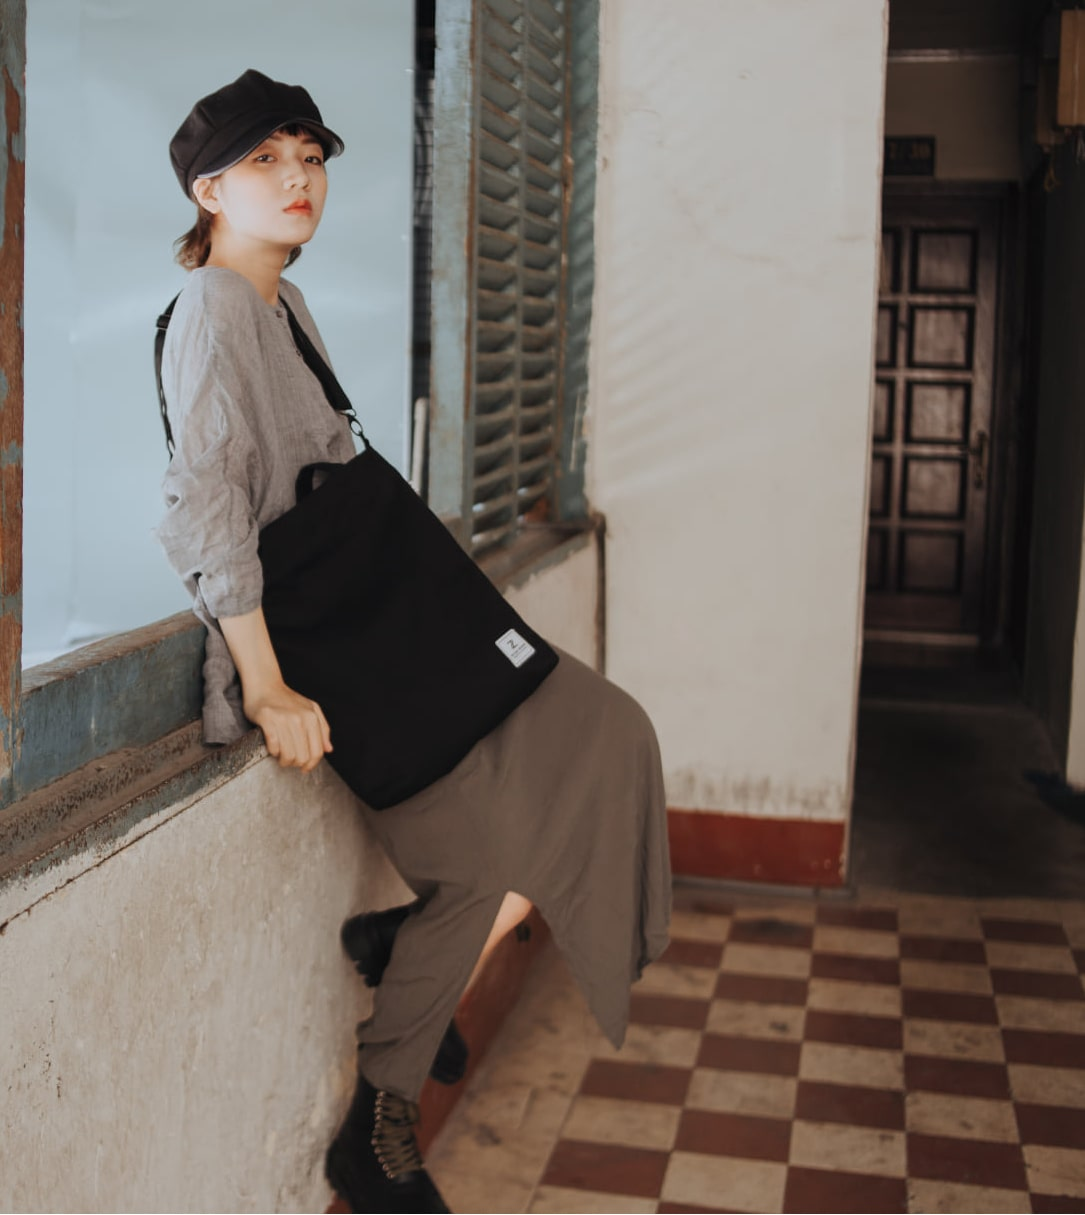 Túi tote vải canvas đúng tiêu chuẩn, giá rẻ, chất lượng tại cơ sở may uy tín Trí Việt